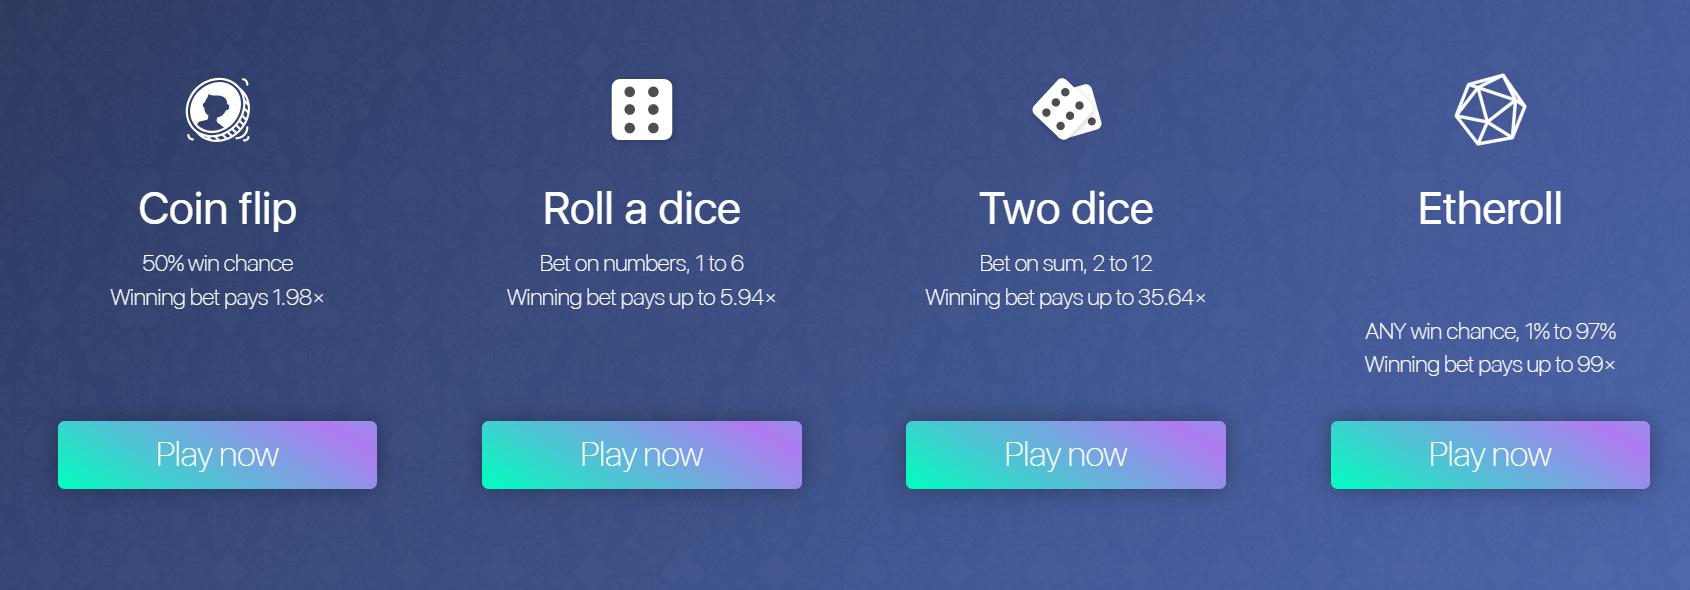 ブロックチェーンゲーム ハイリスク ハイリターン ランキング